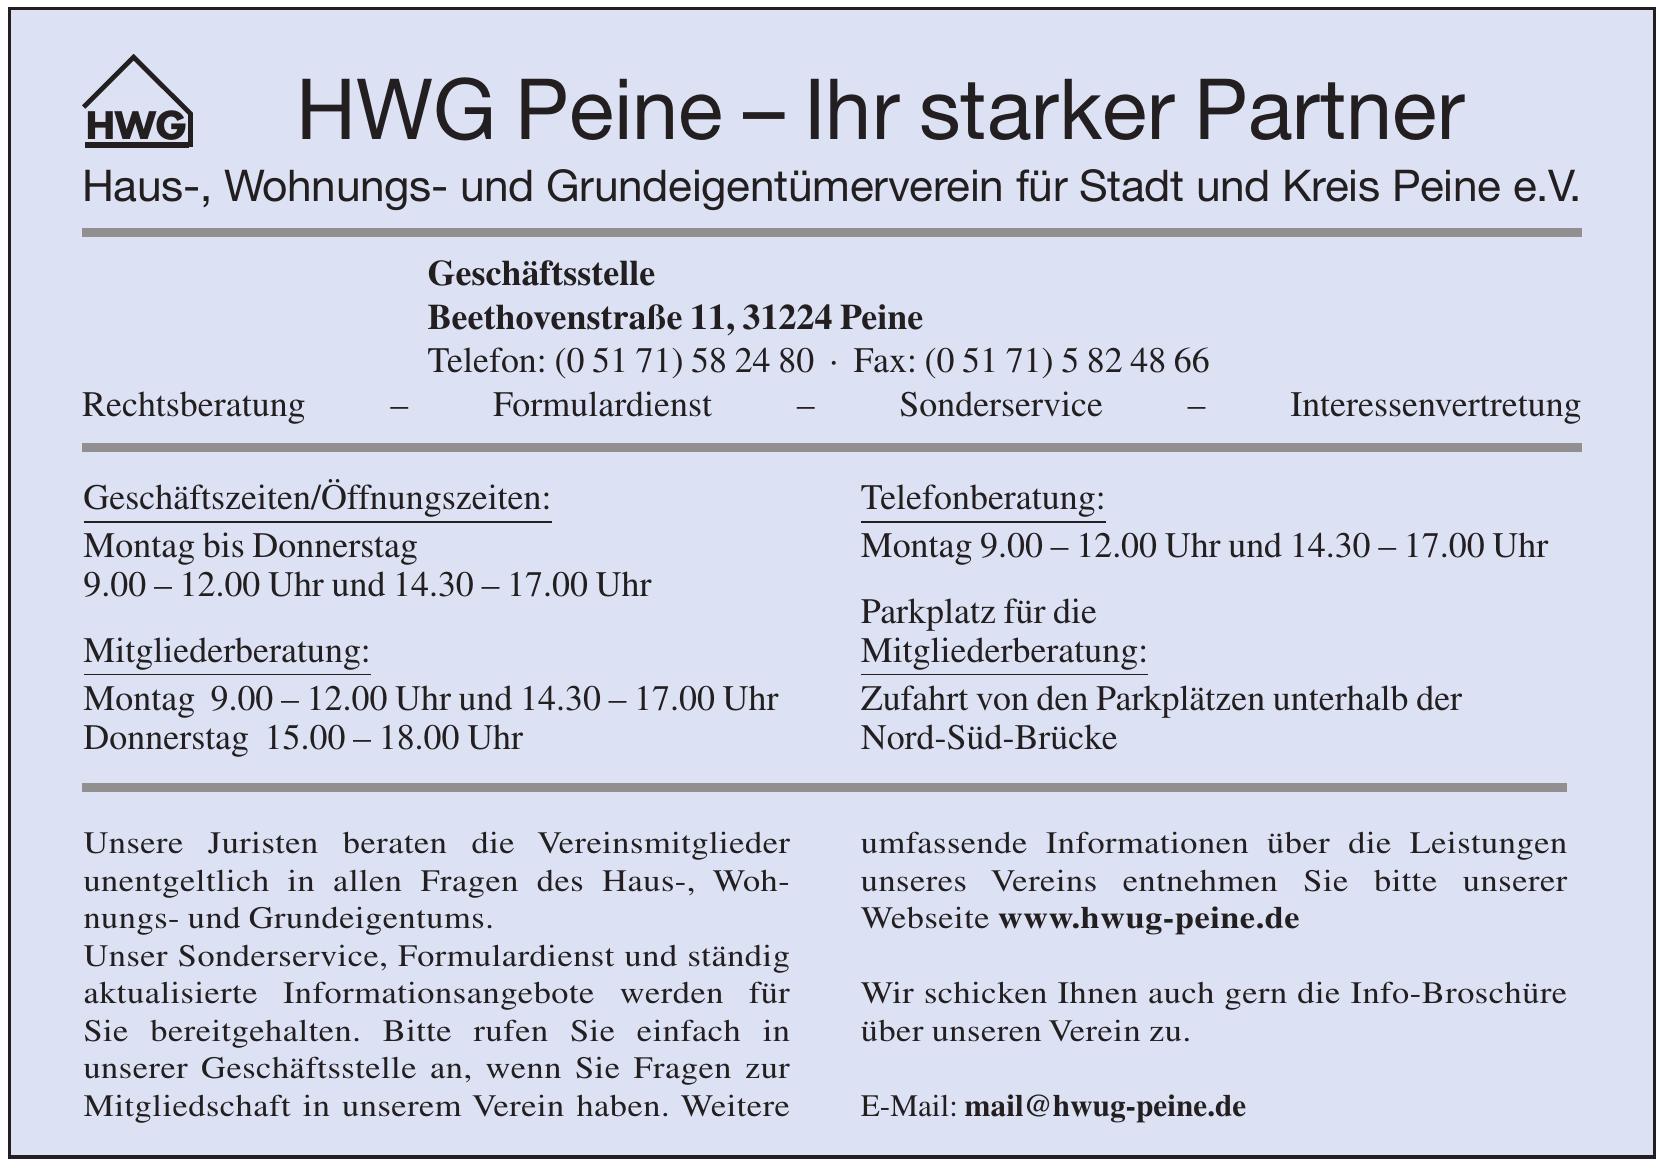 HWG Peine